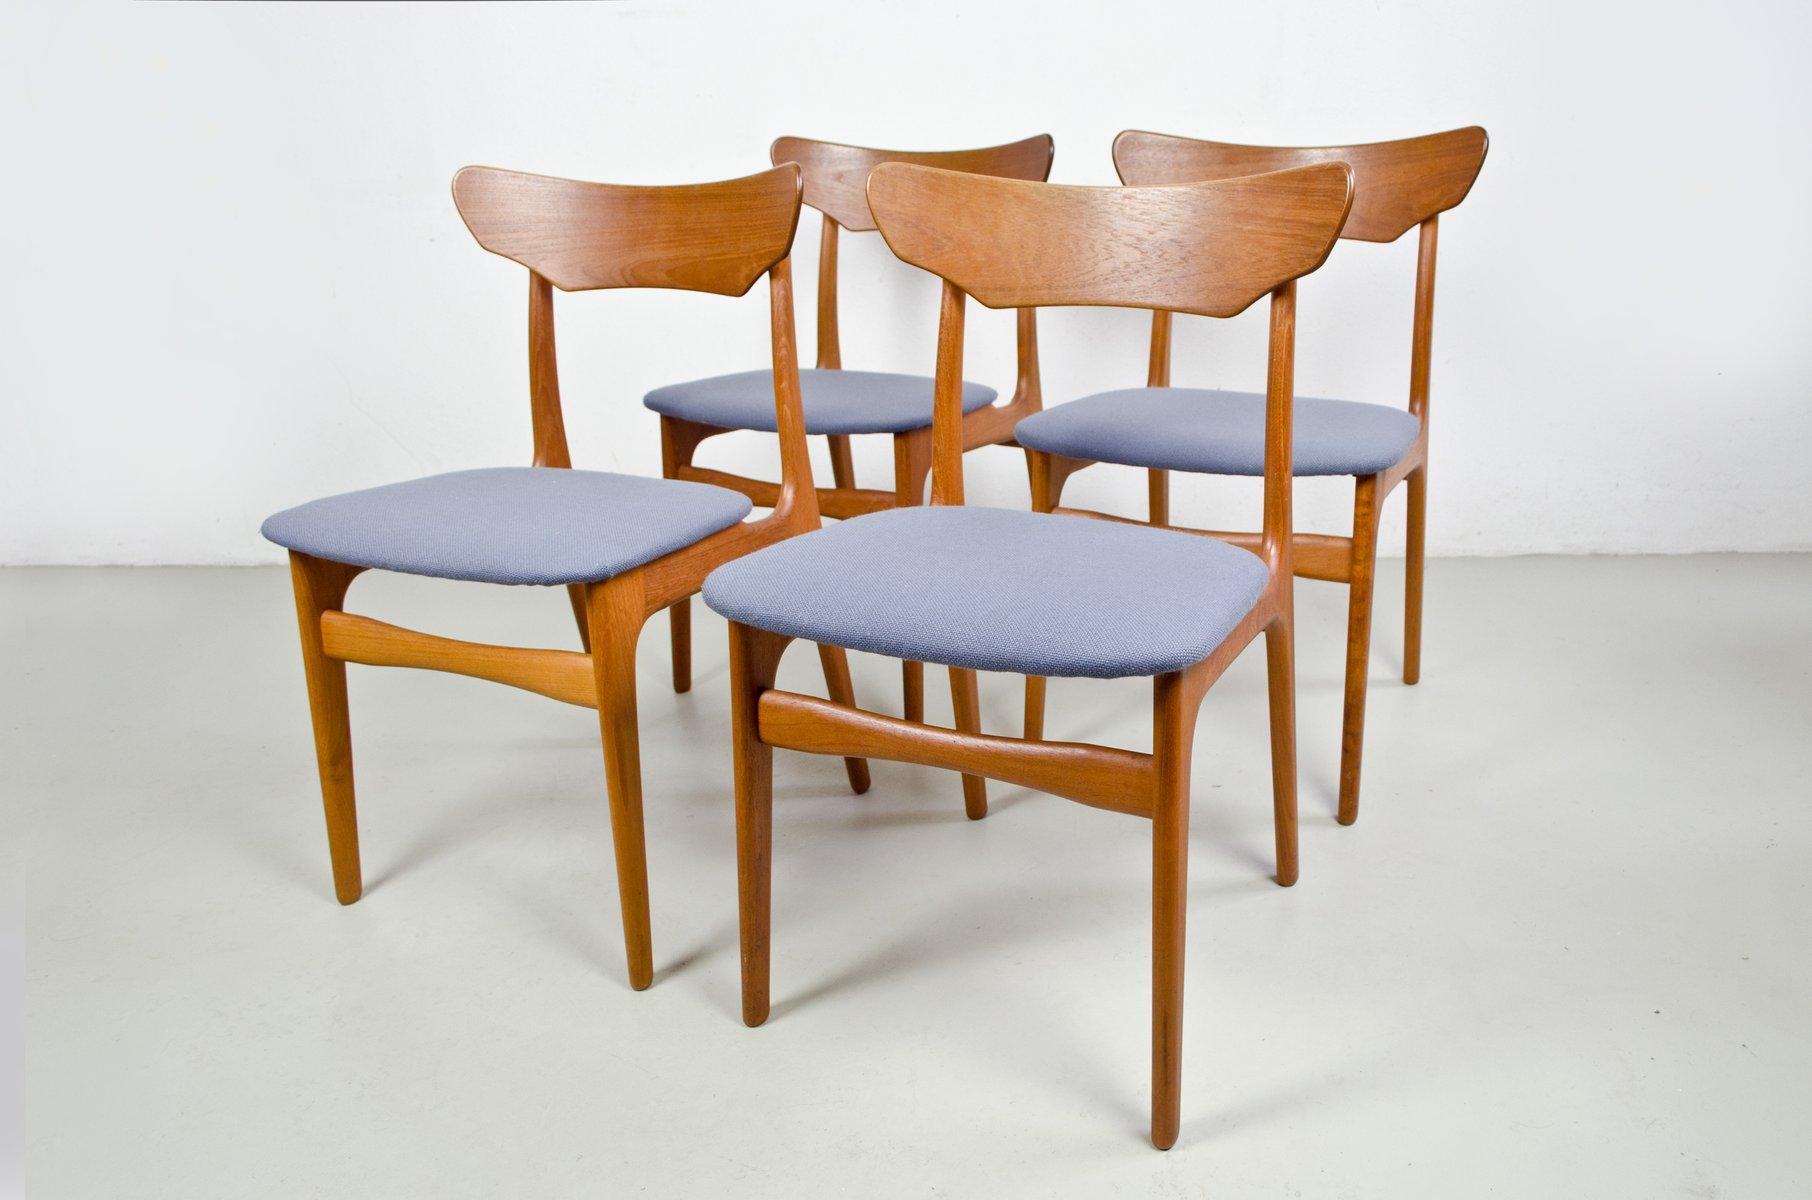 vintage esszimmerst hle aus teakholz von schi nning. Black Bedroom Furniture Sets. Home Design Ideas